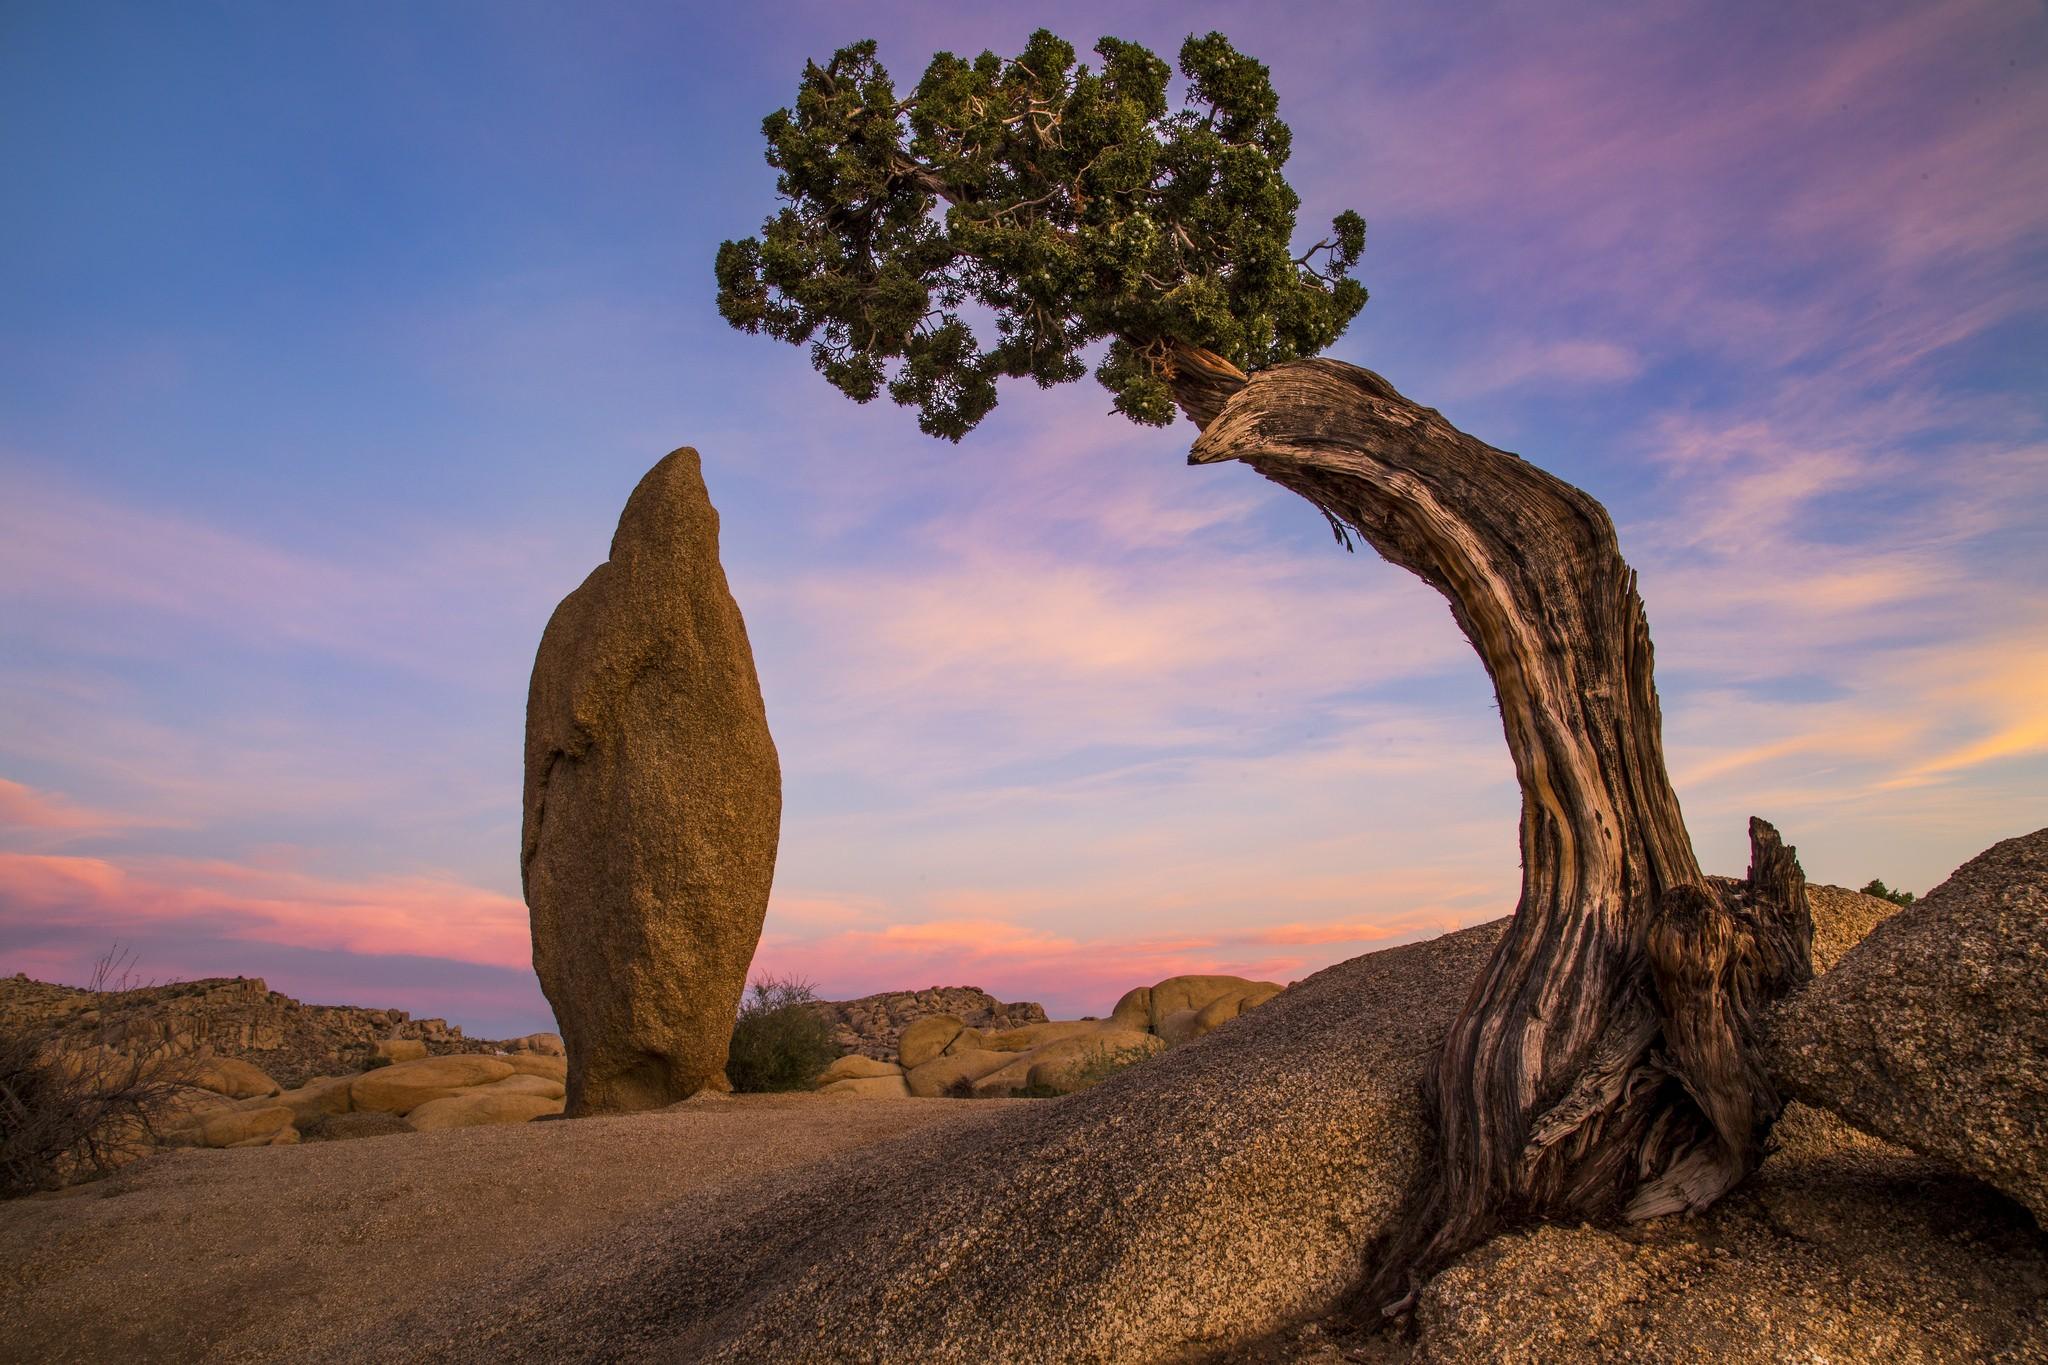 дерево растущее в камне фото перед укладкой необходимо